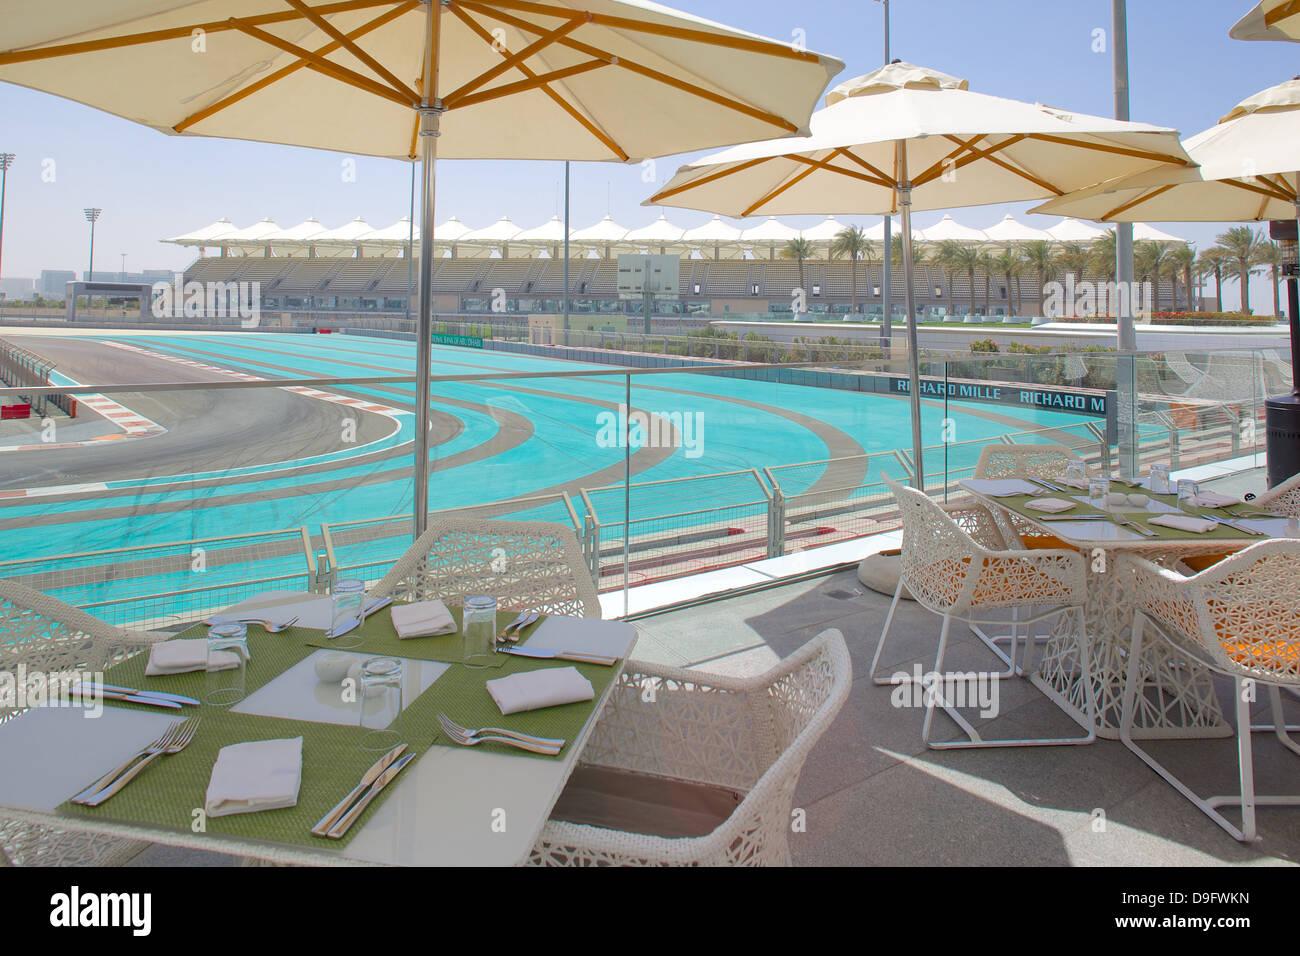 F1 Rennstrecke Yas Island, Abu Dhabi, Vereinigte Arabische Emirate, Naher Osten Stockbild